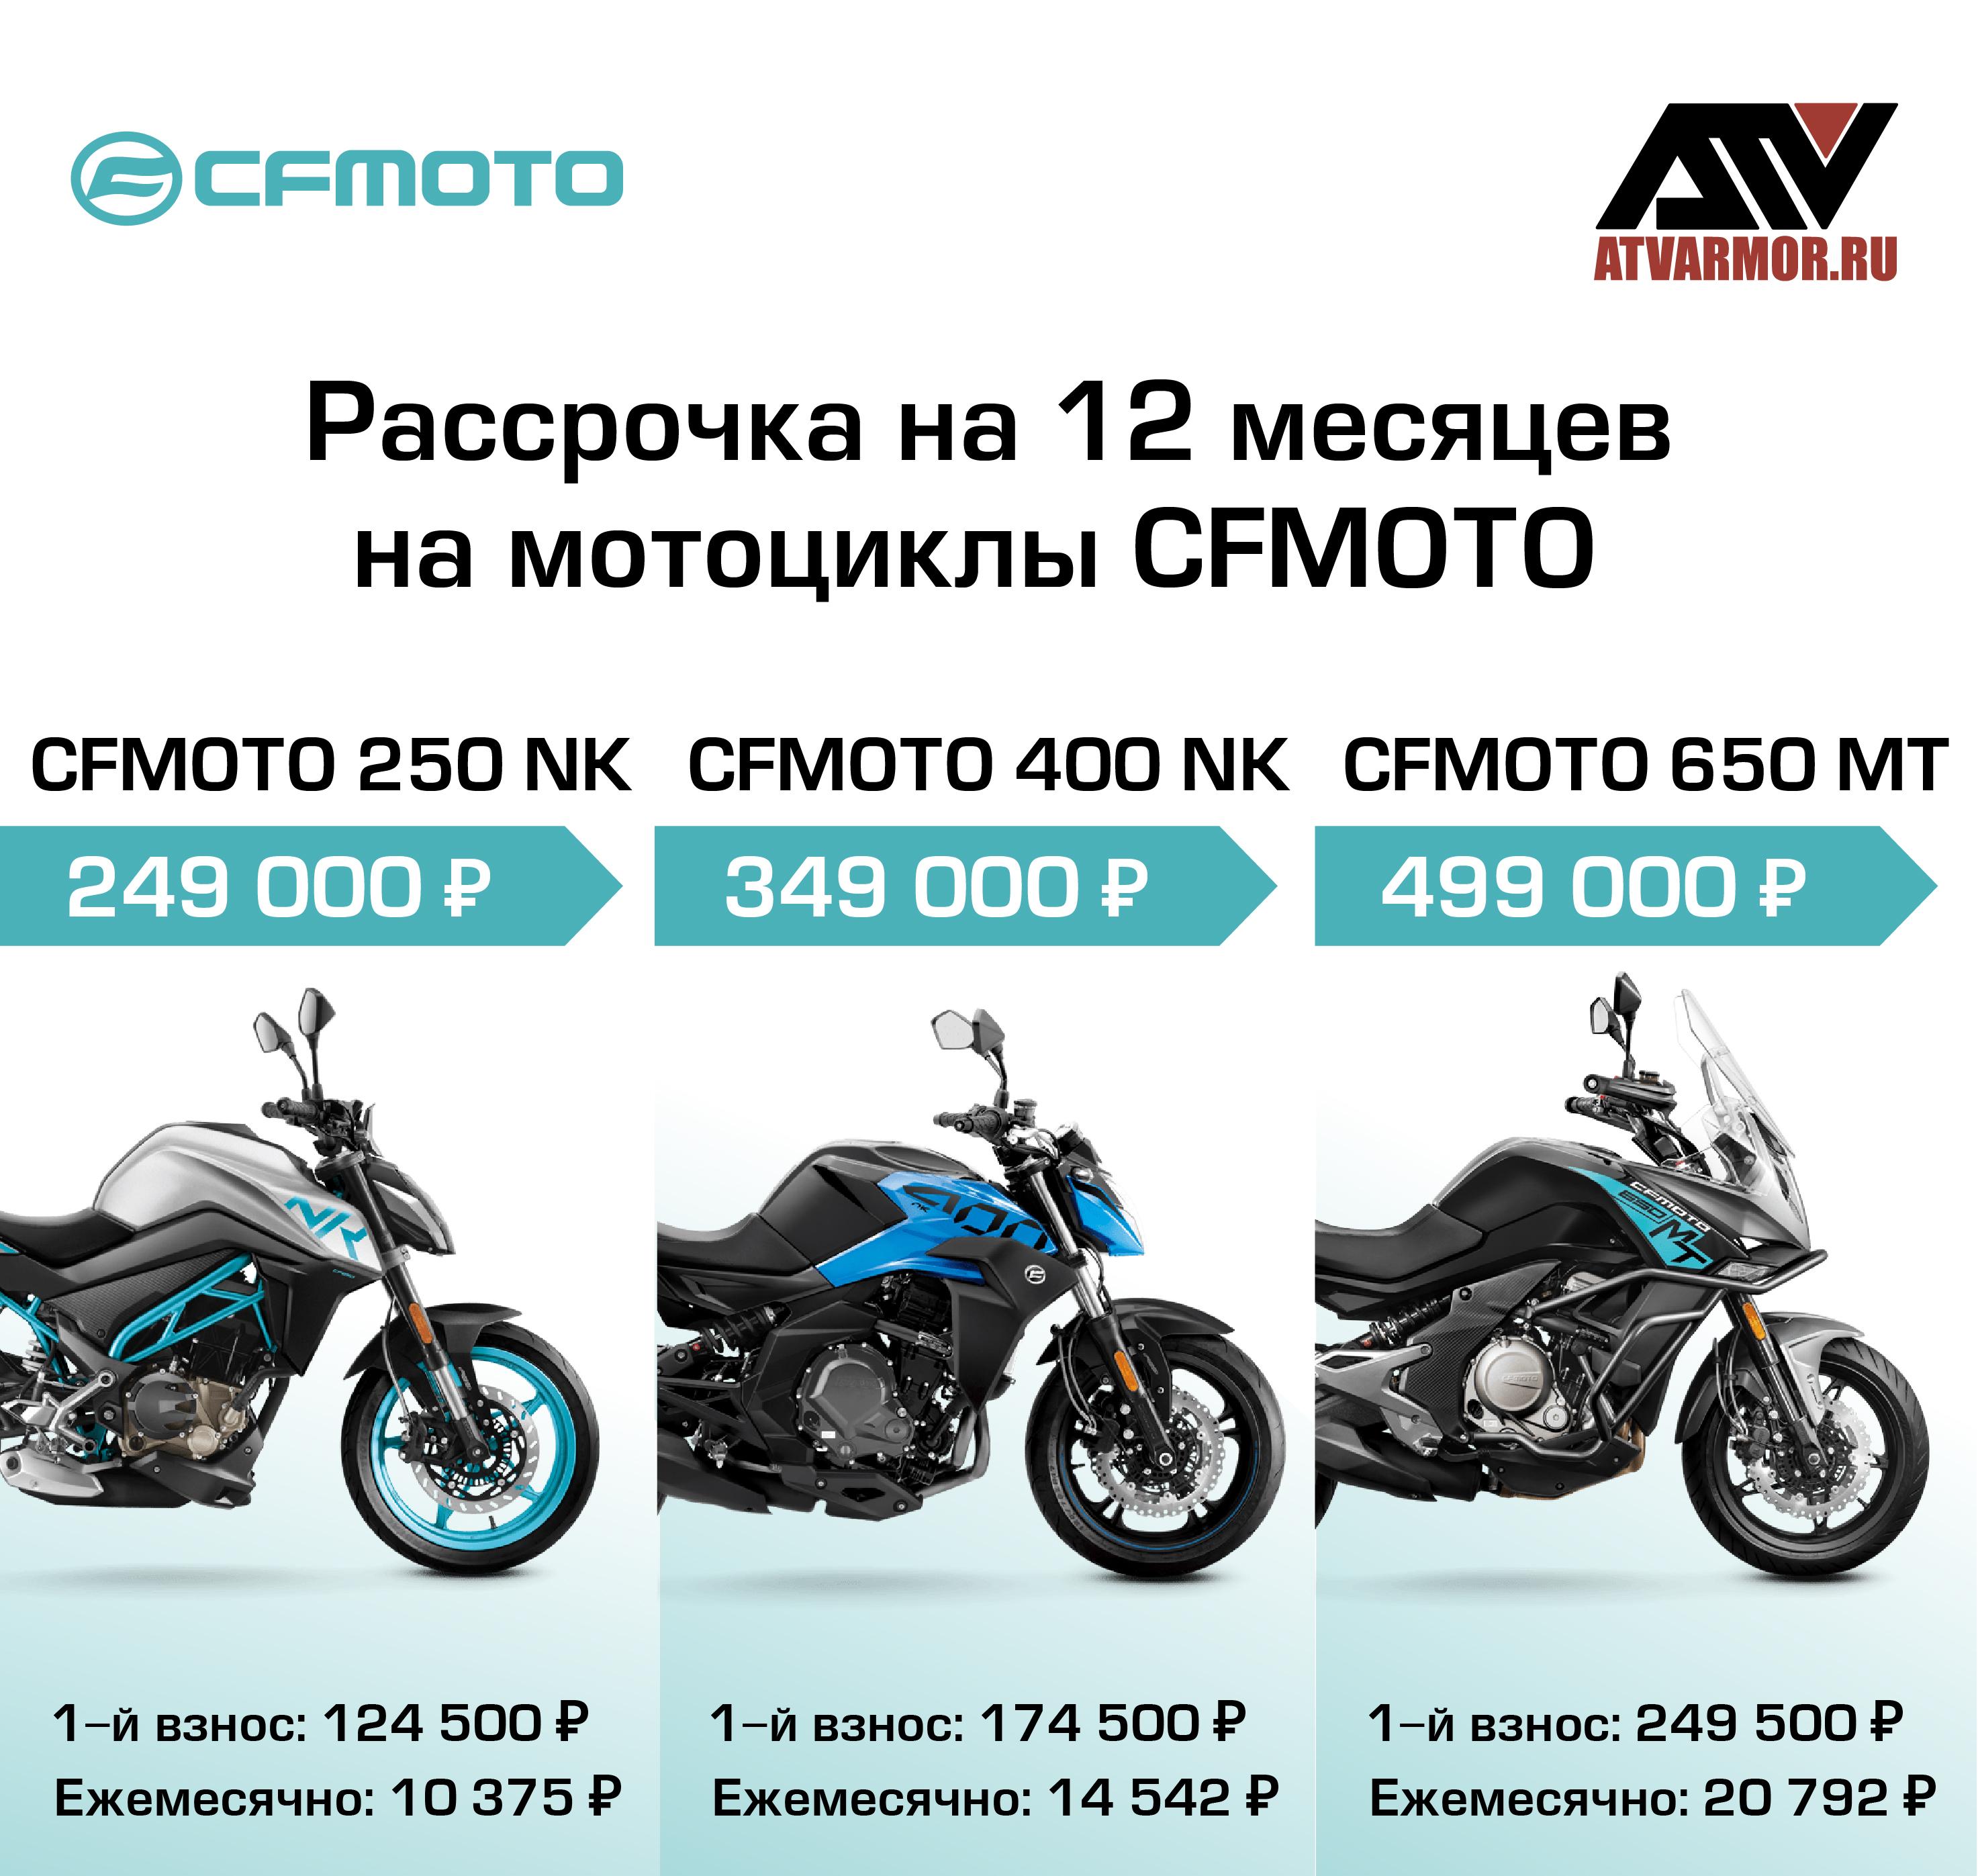 Рассрочка и легкий кредит на мотоциклы CFMOTO!